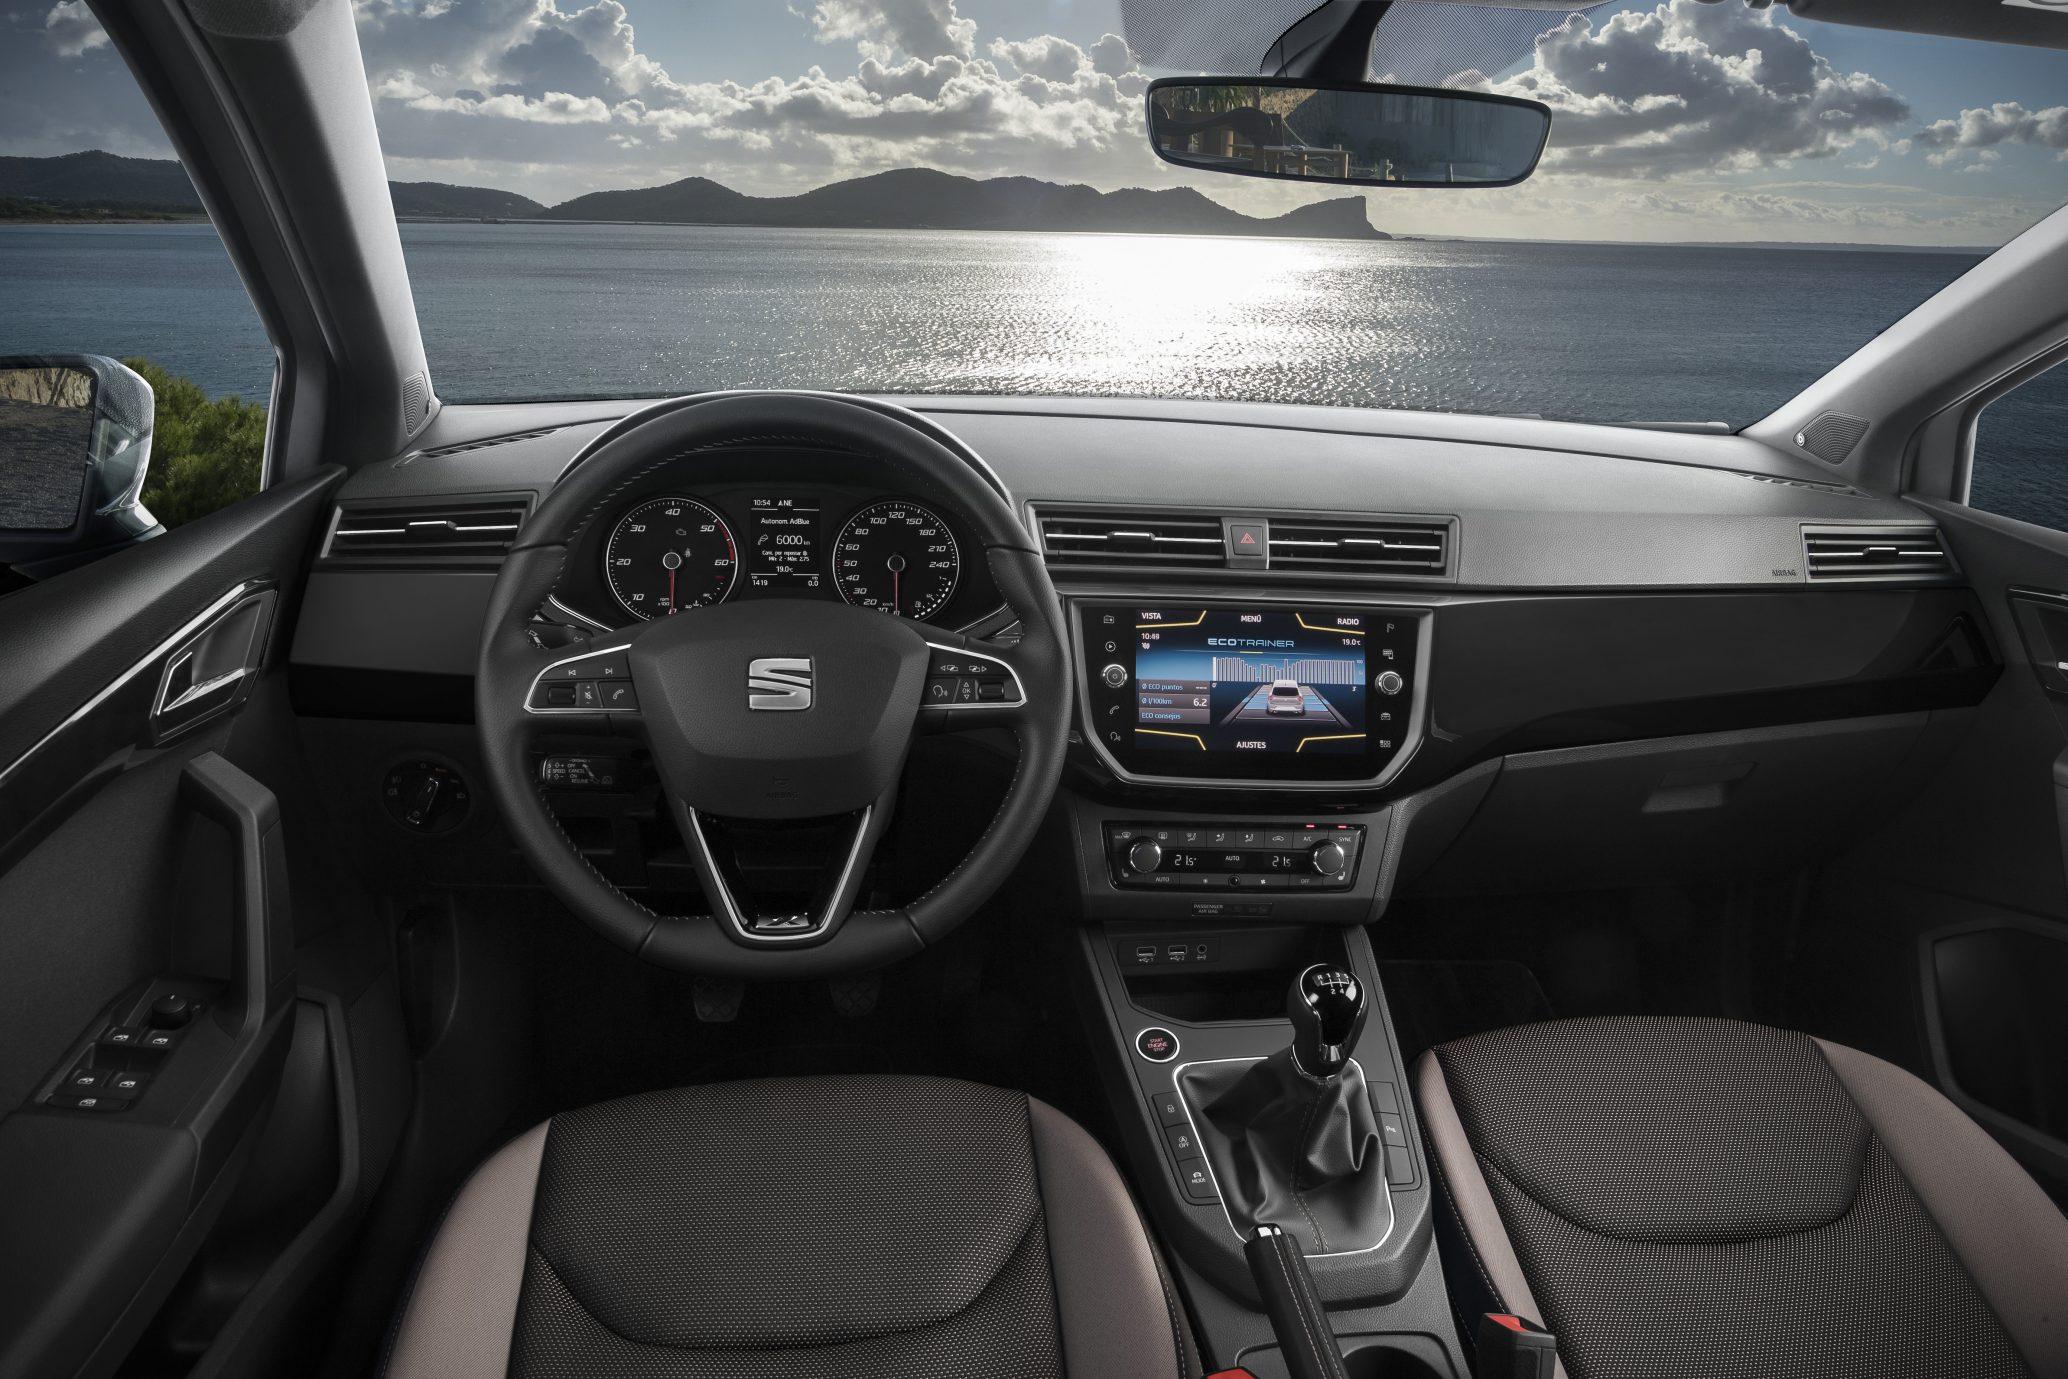 SEAT Ibiza 1.6 TDI — interior